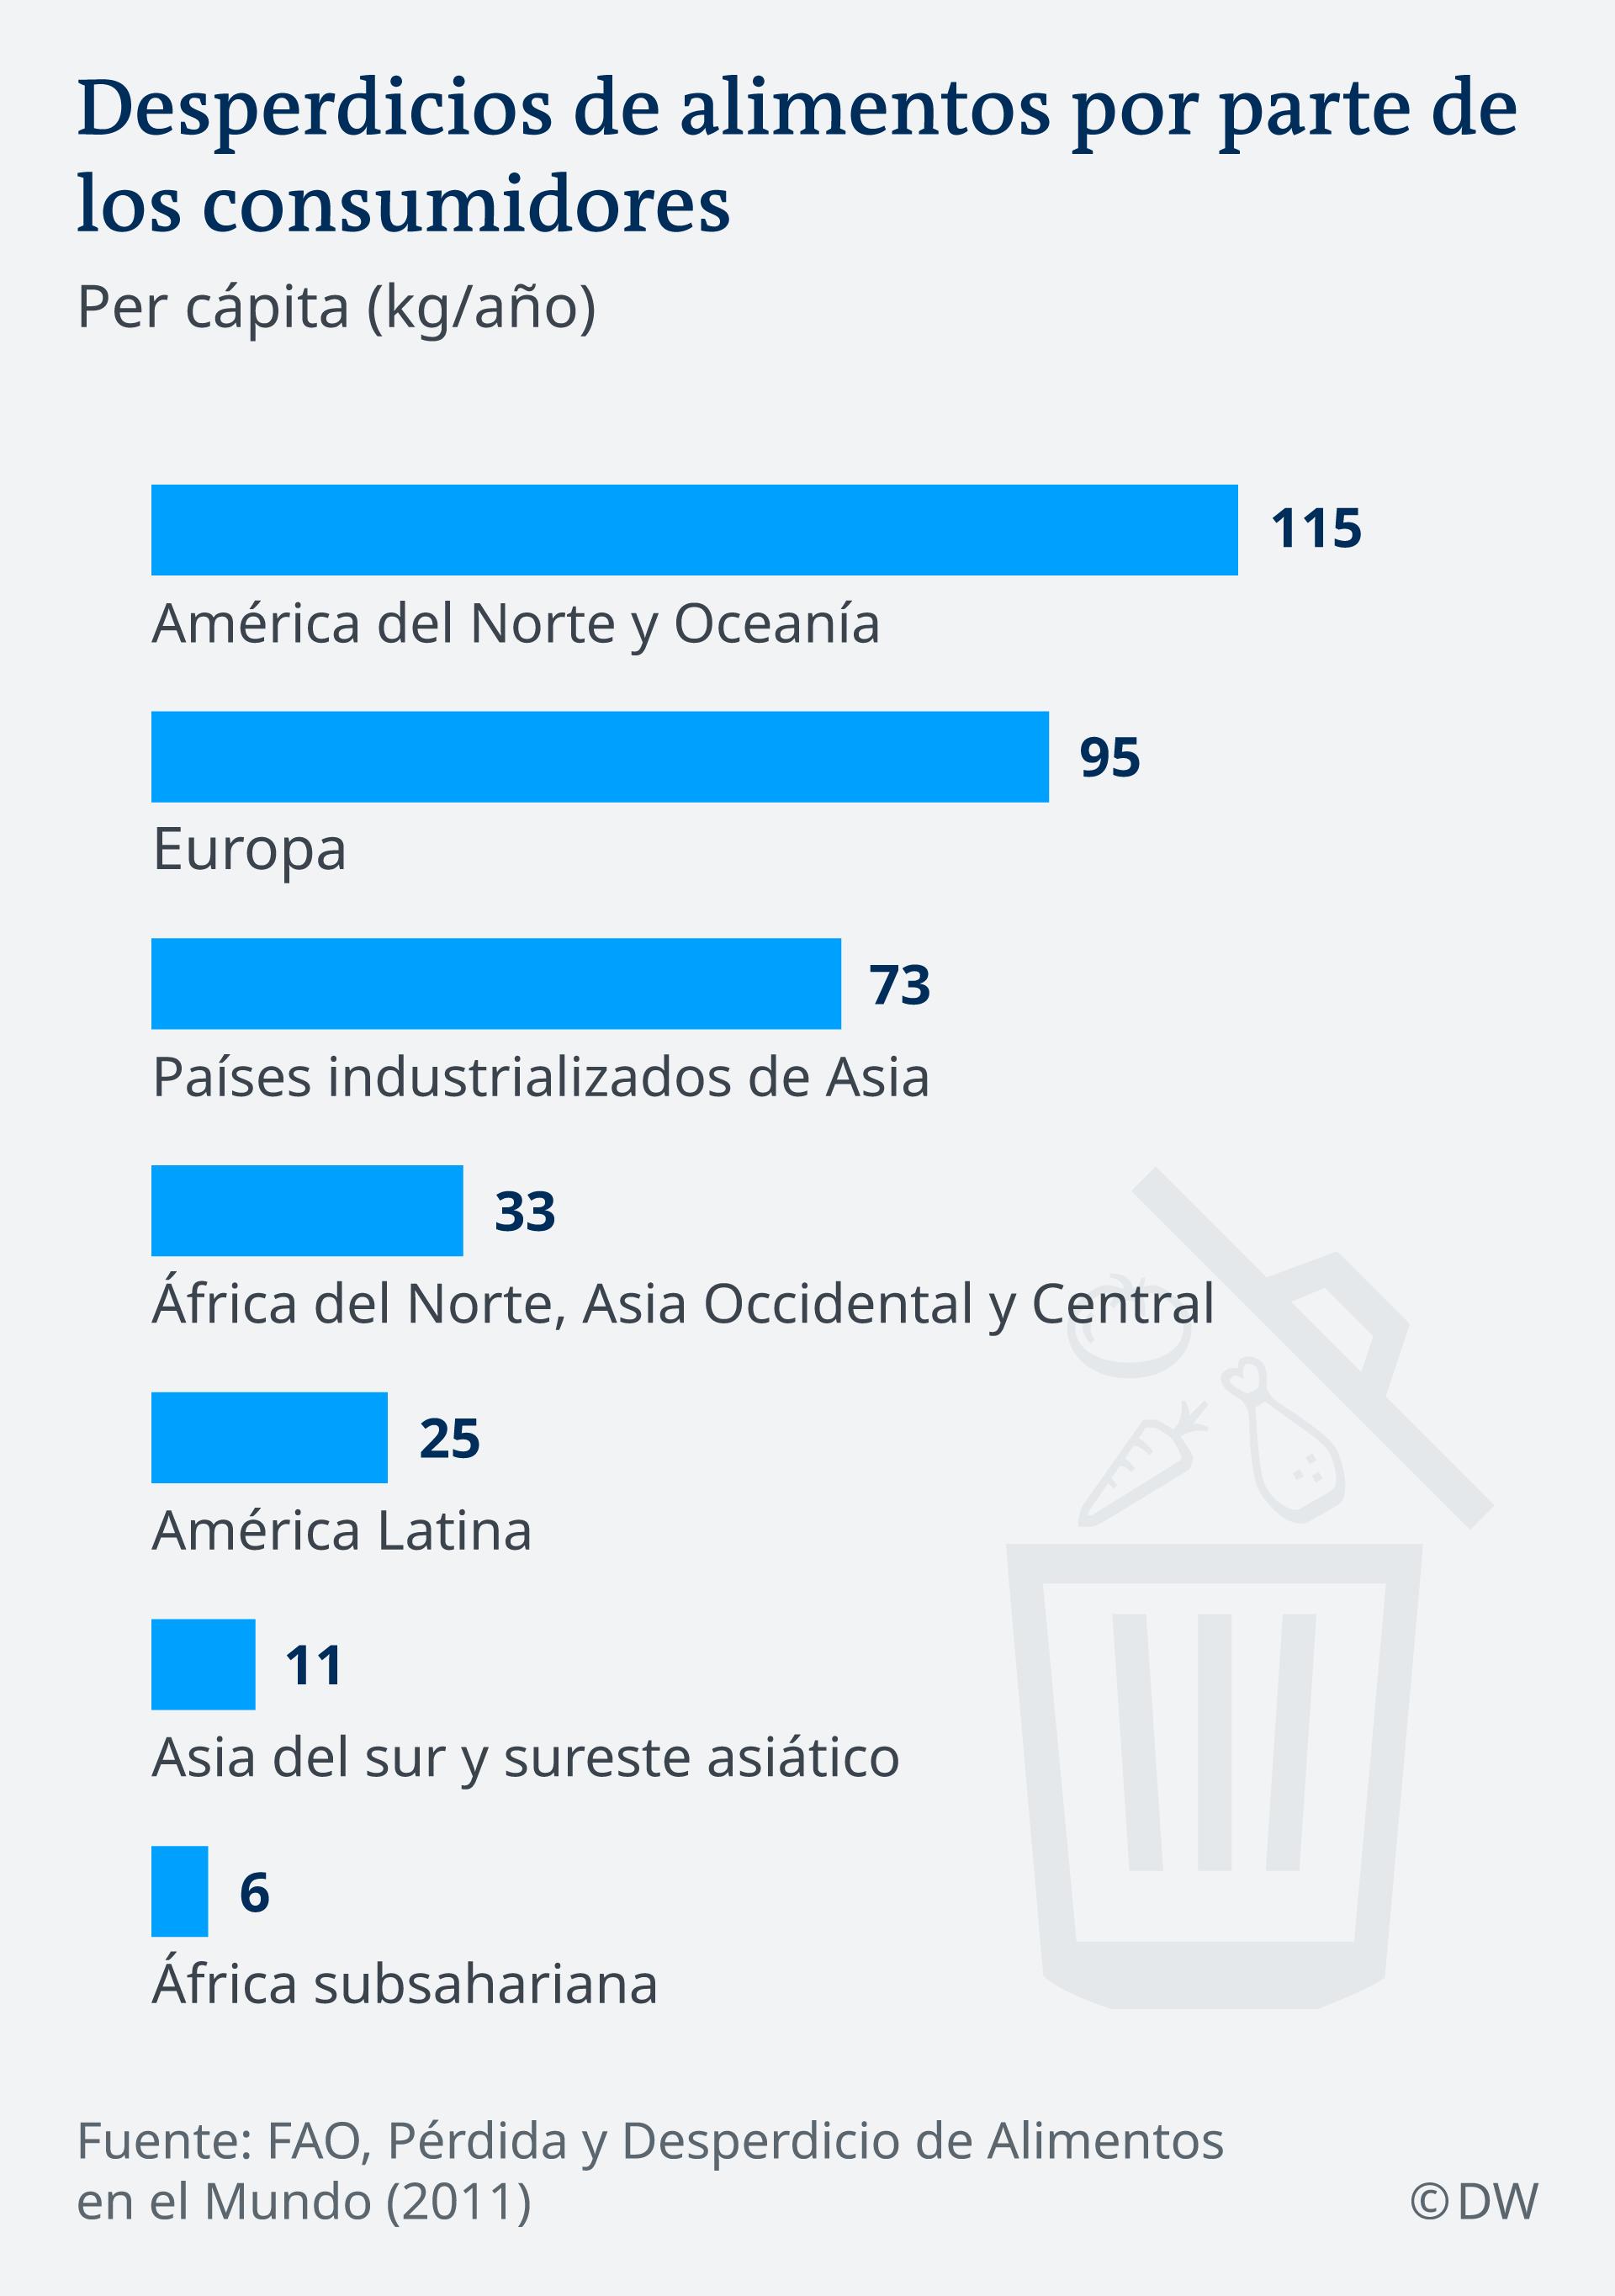 Desperdicios de alimentos por parte de los consumidores.